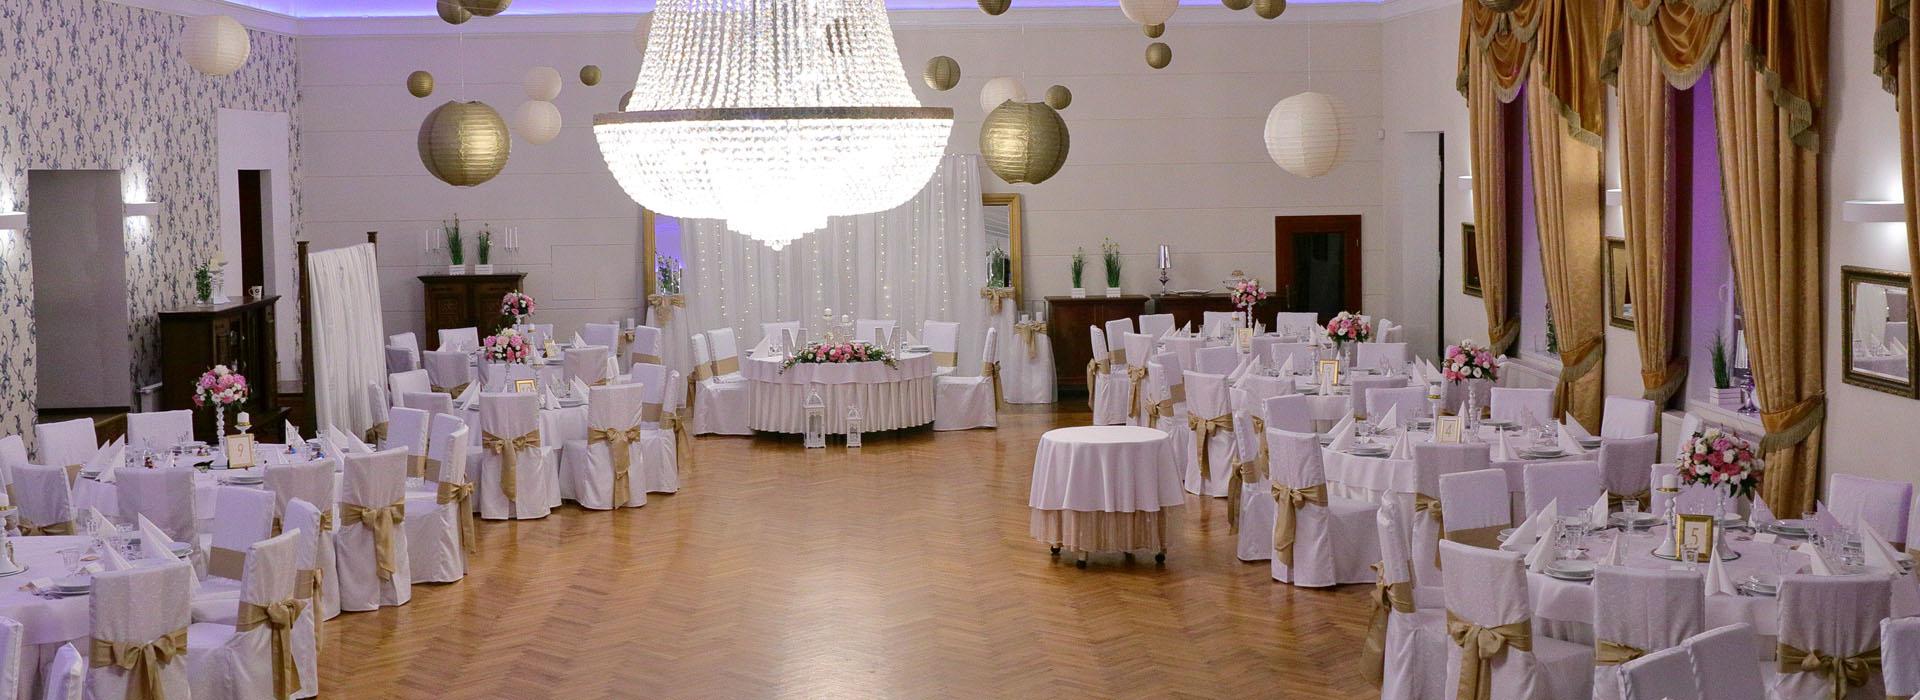 Przyjecia Weselne Apartamenty Restauracja Namyslow Limba